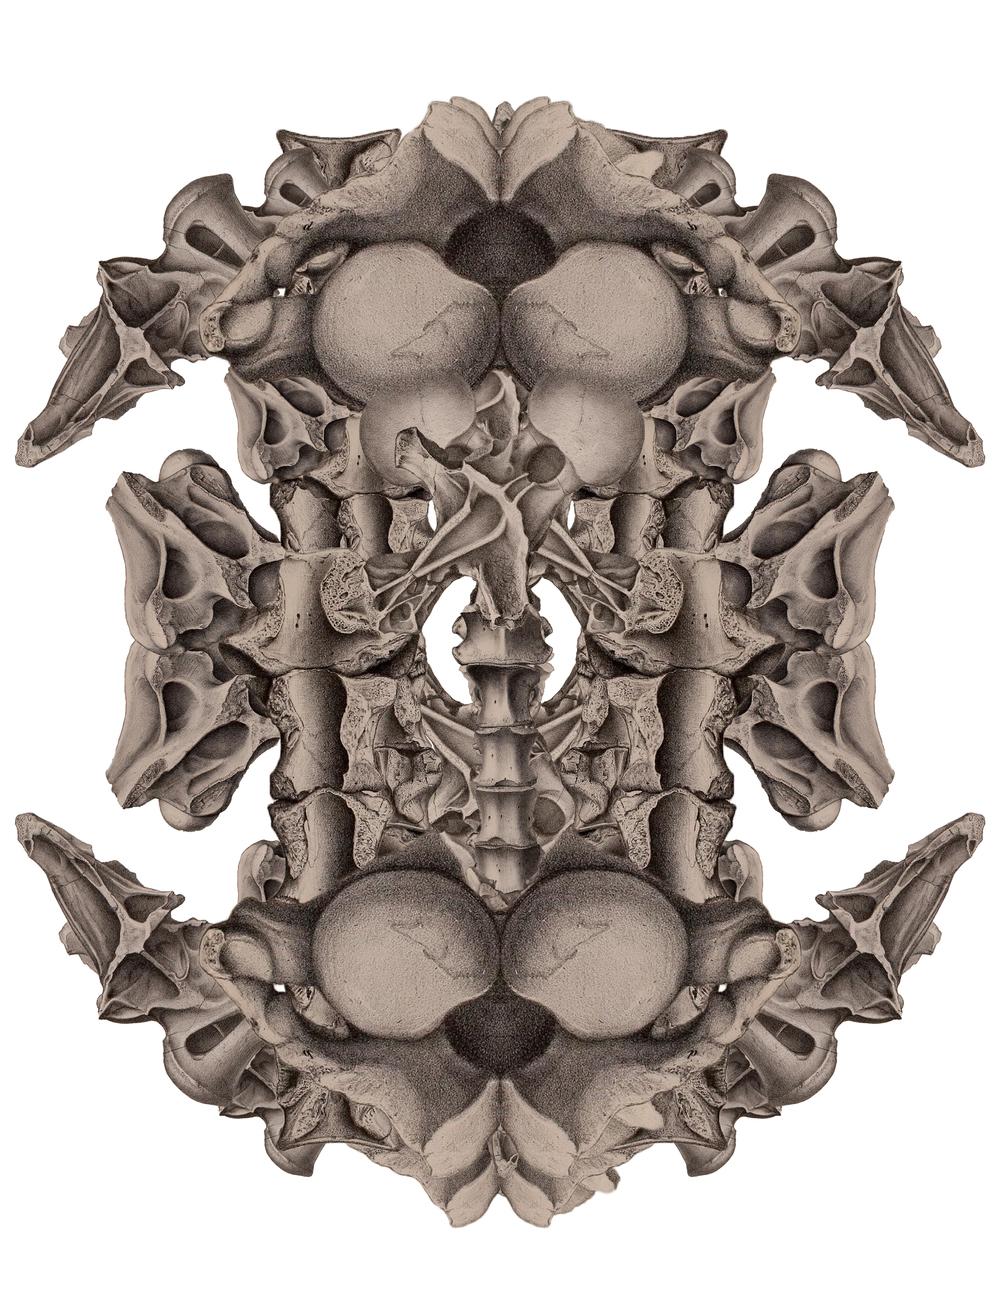 bonemapspinalcolumns.jpg